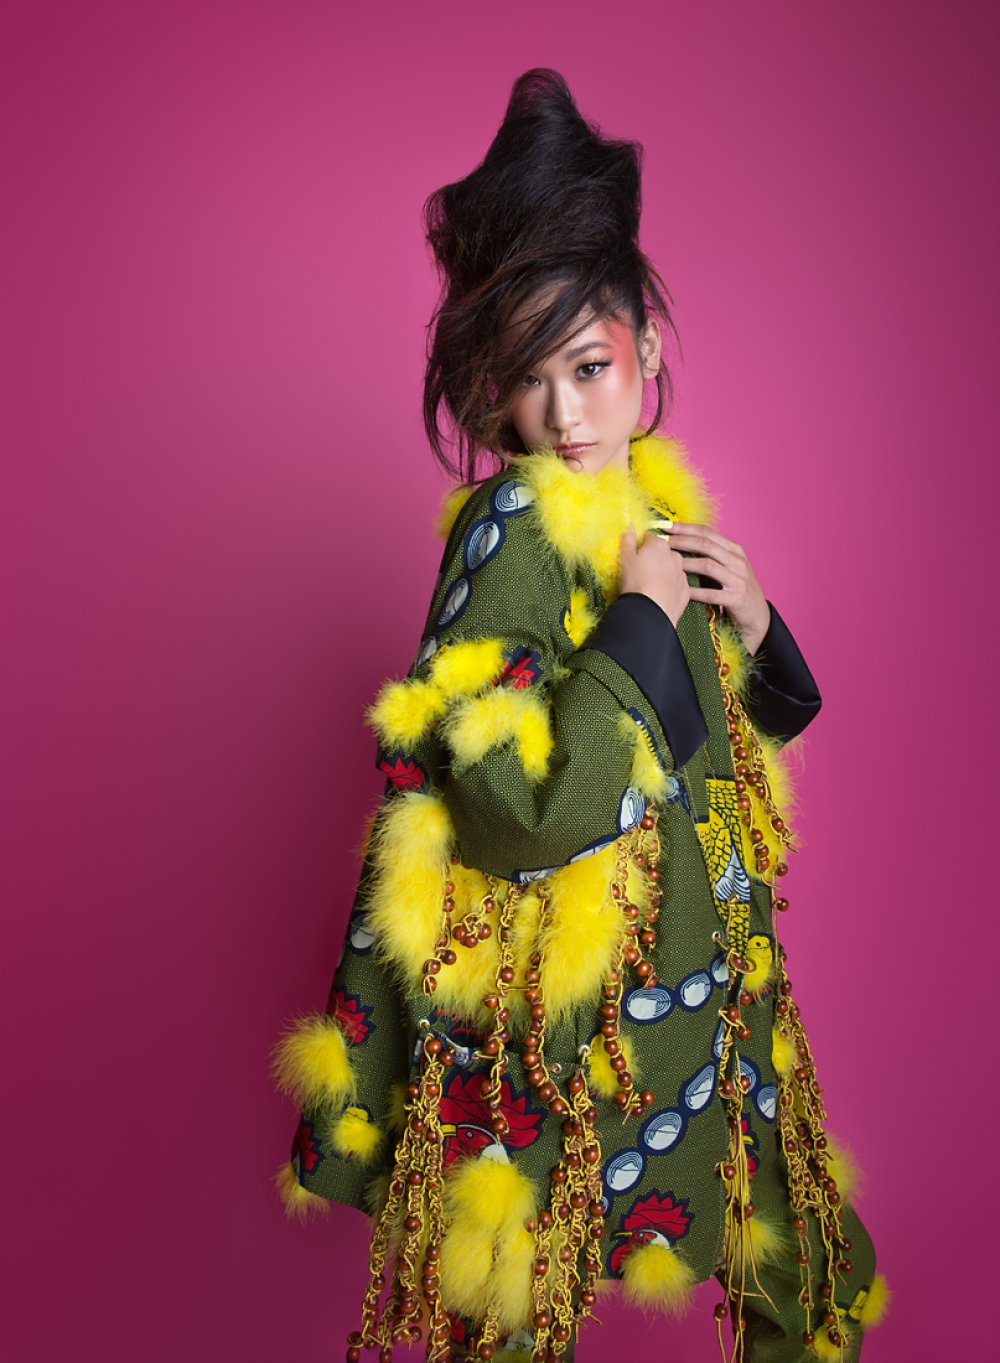 fashioneditorial-fg720-2.jpg